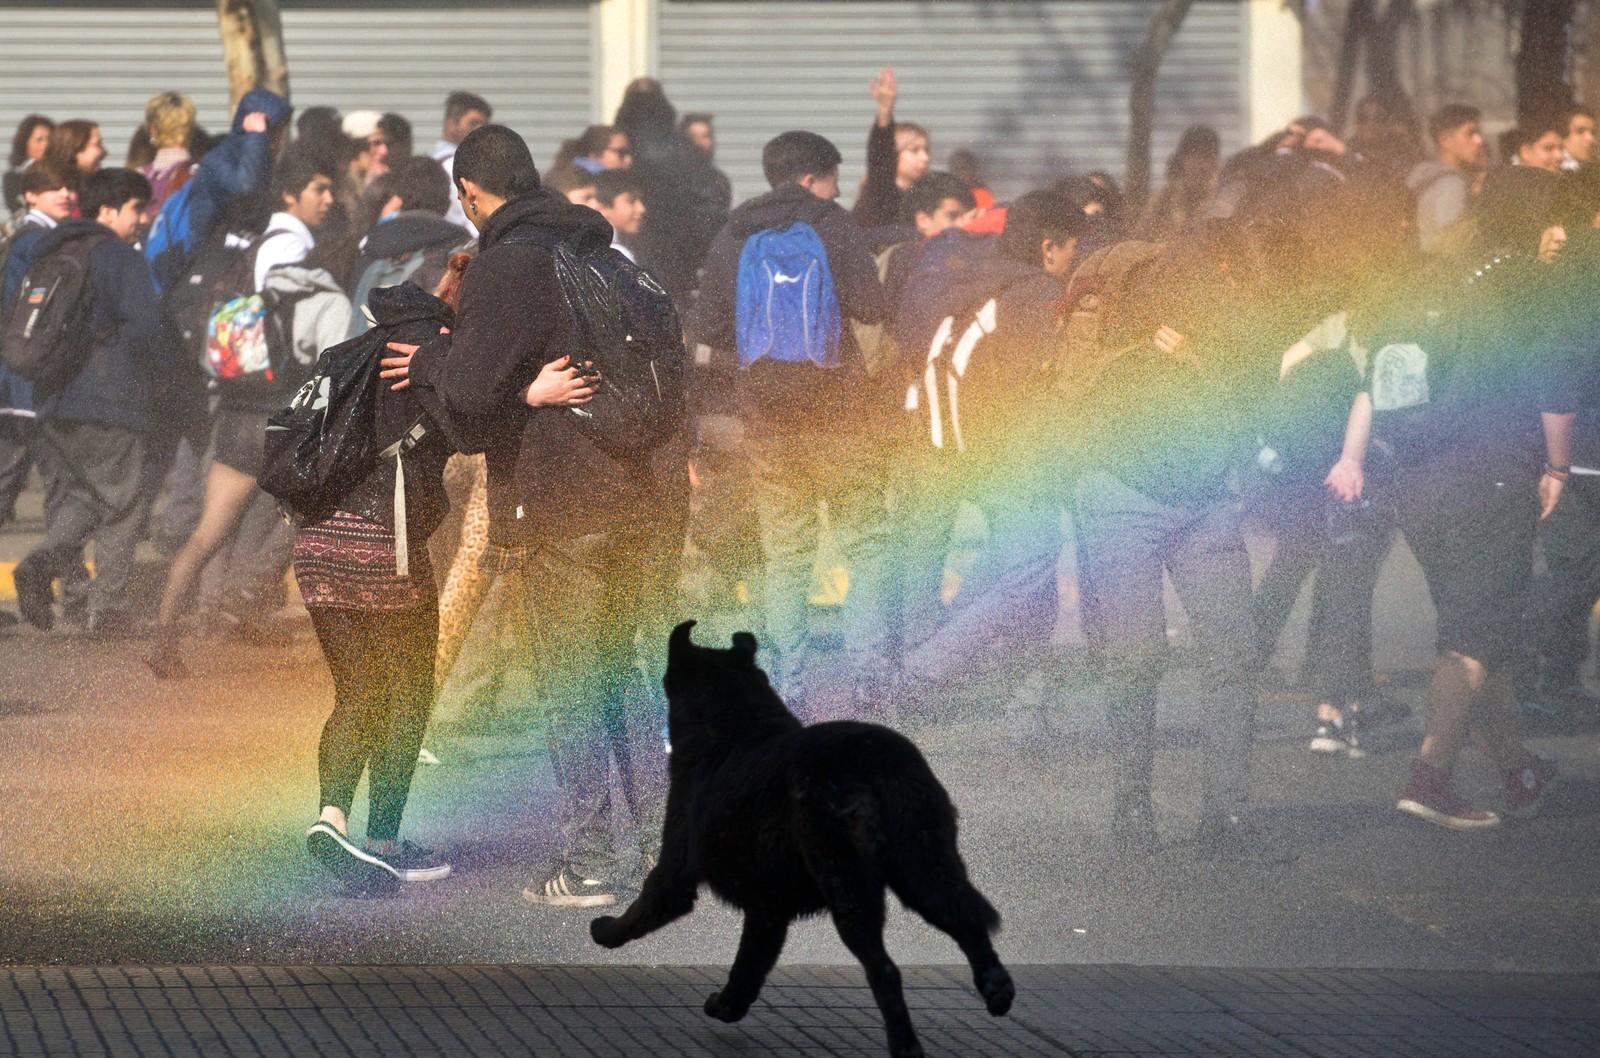 En hund løper gjennom en liten regnbue som ble dannet etter at politiet brukte vannkanon mot studenter i Santiago i Chile den 4. august. Studentene demonstrerte for en utdanningsreform. De krever gratis skolegang på alle nivåer.